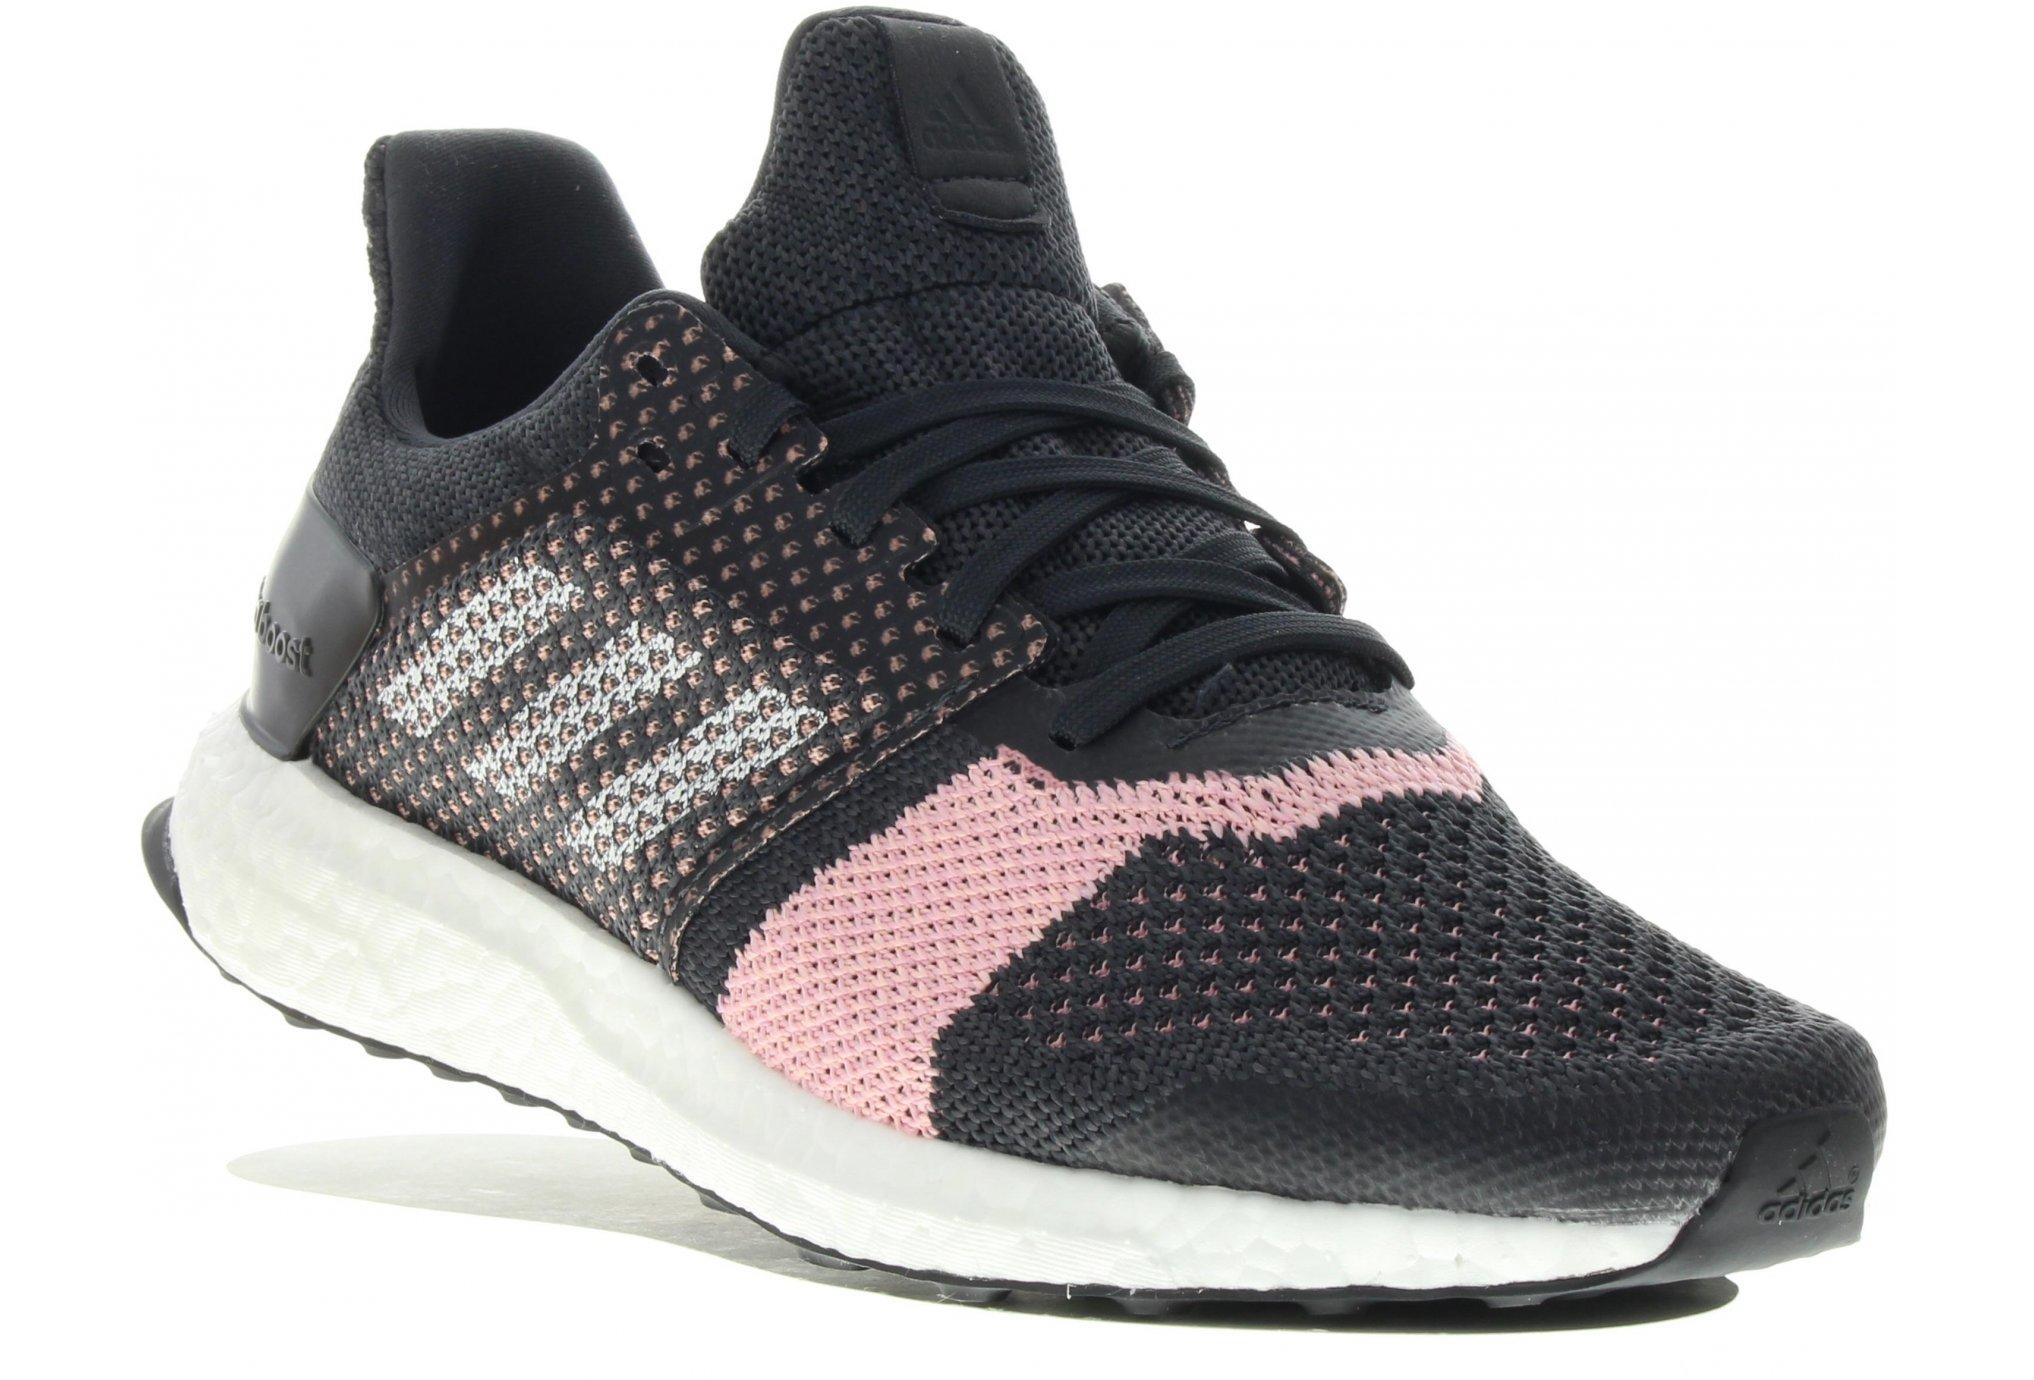 adidas UltraBOOST ST W Chaussures running femme